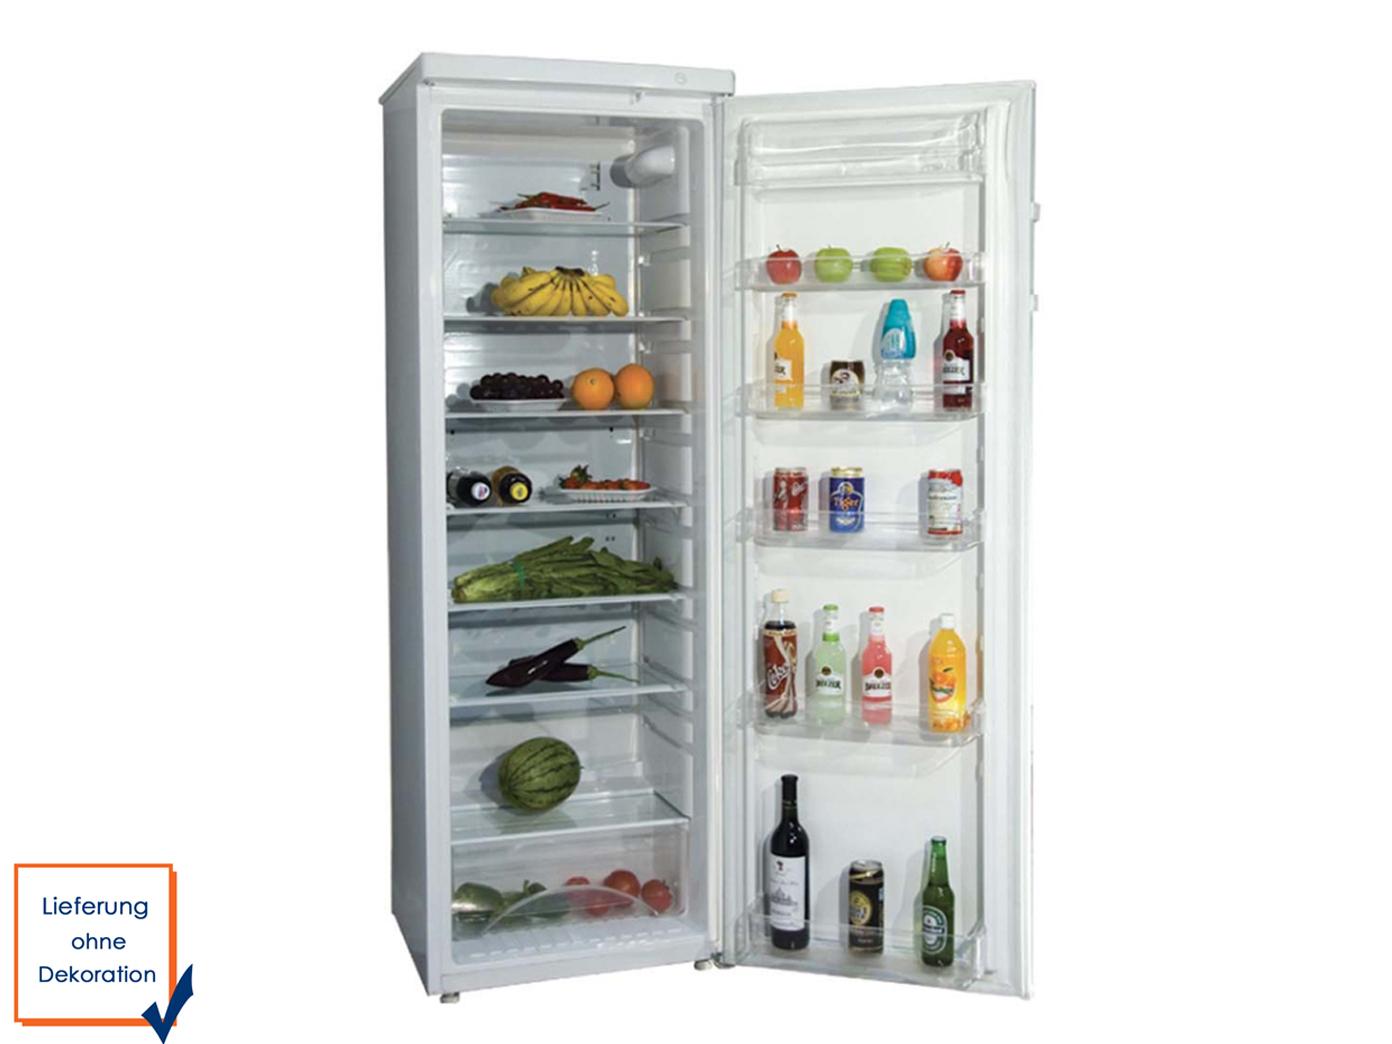 Kleiner Kühlschrank Ohne Gefrierfach : Kleiner kühlschrank ohne gefrierfach ferienwohnung norddeich bei